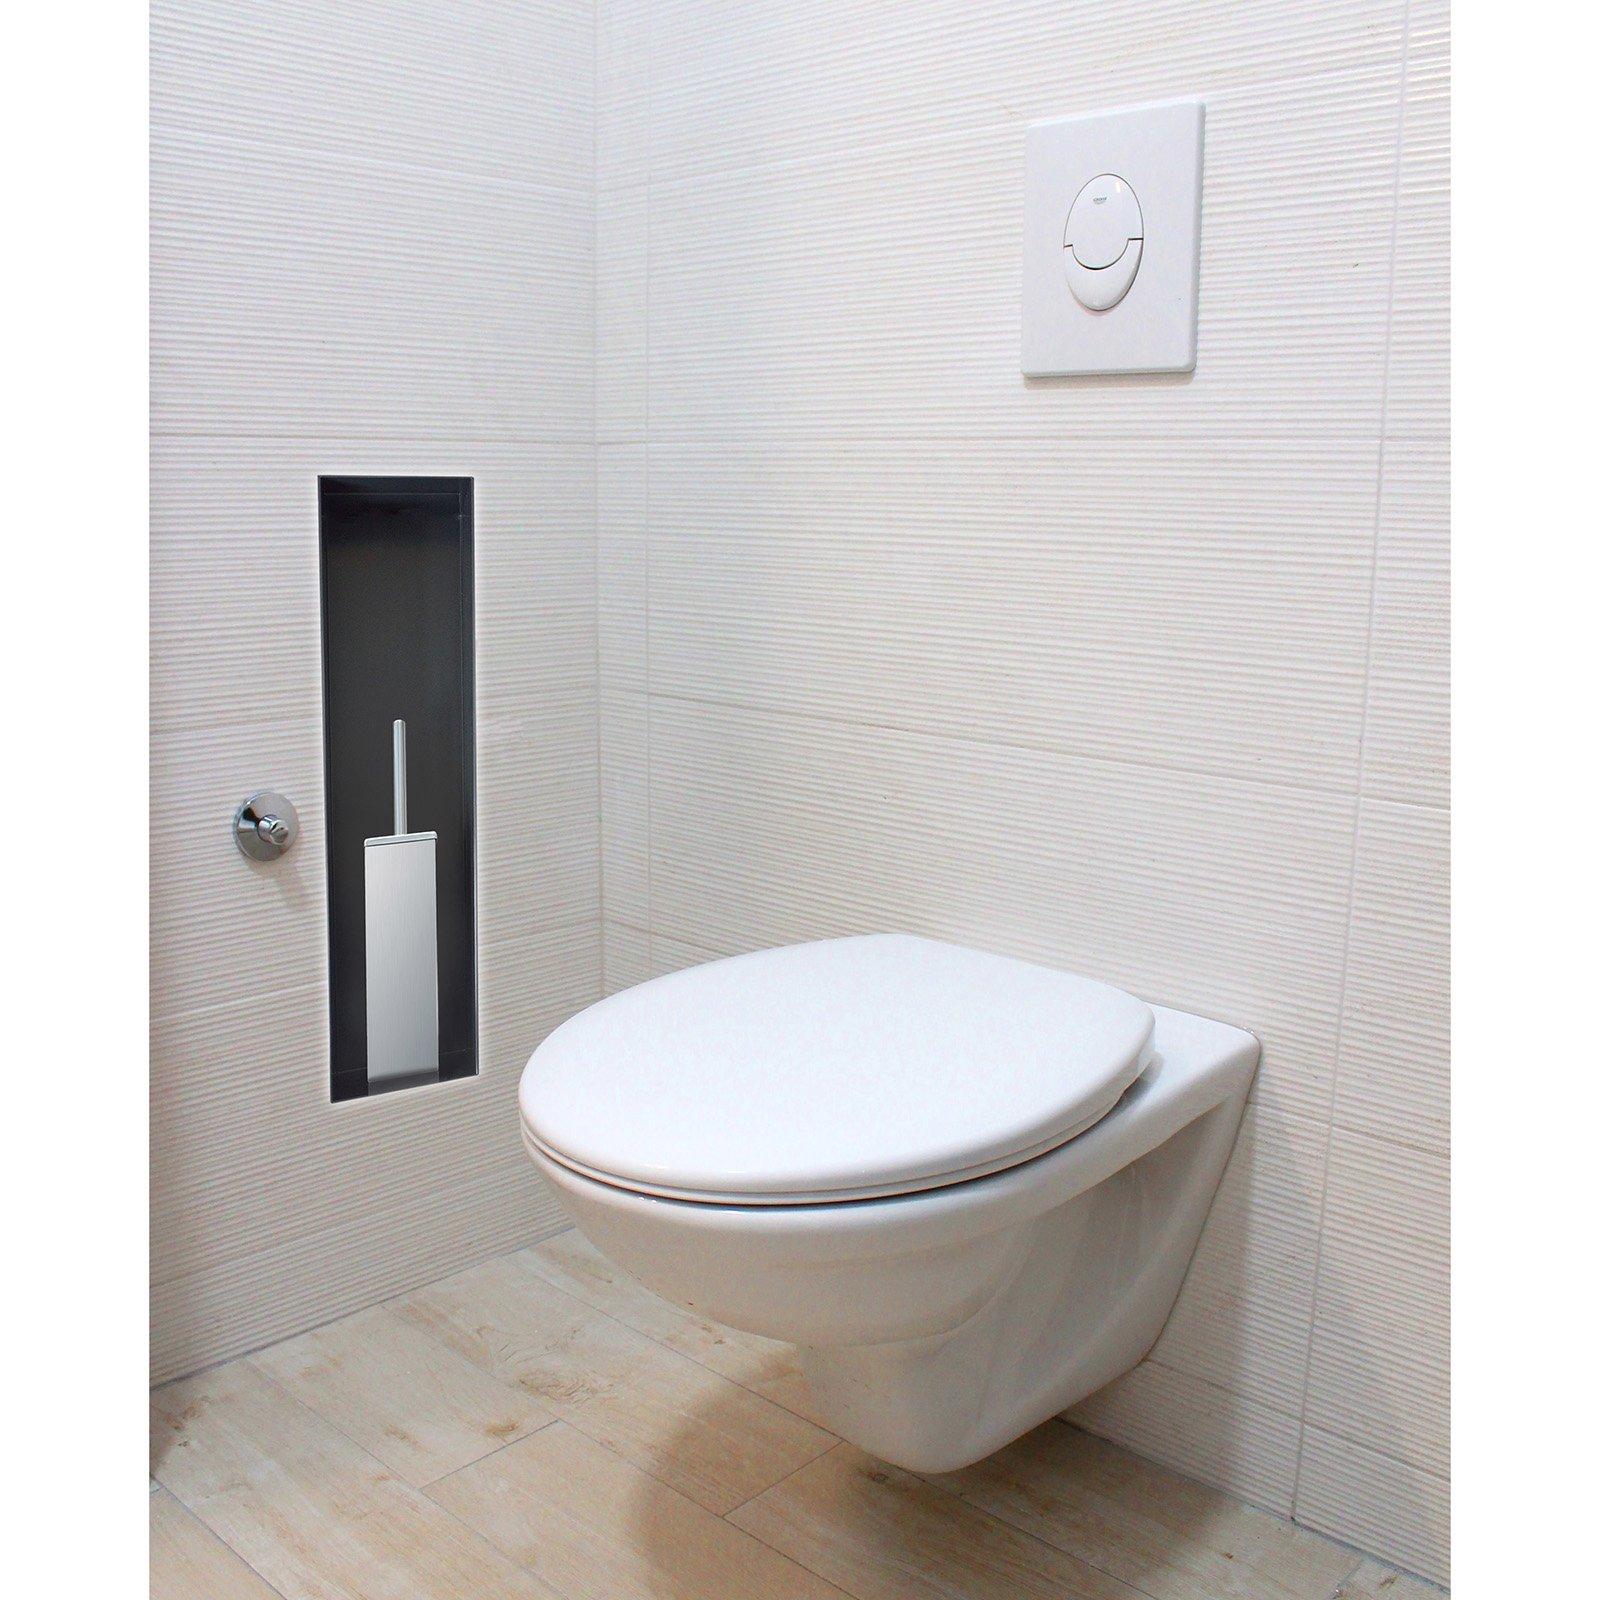 BERNSTEIN Wandnische aus Edelstahl BS156010 randlos - 15 x 60 x 10 cm - Weiß zoom thumbnail 5